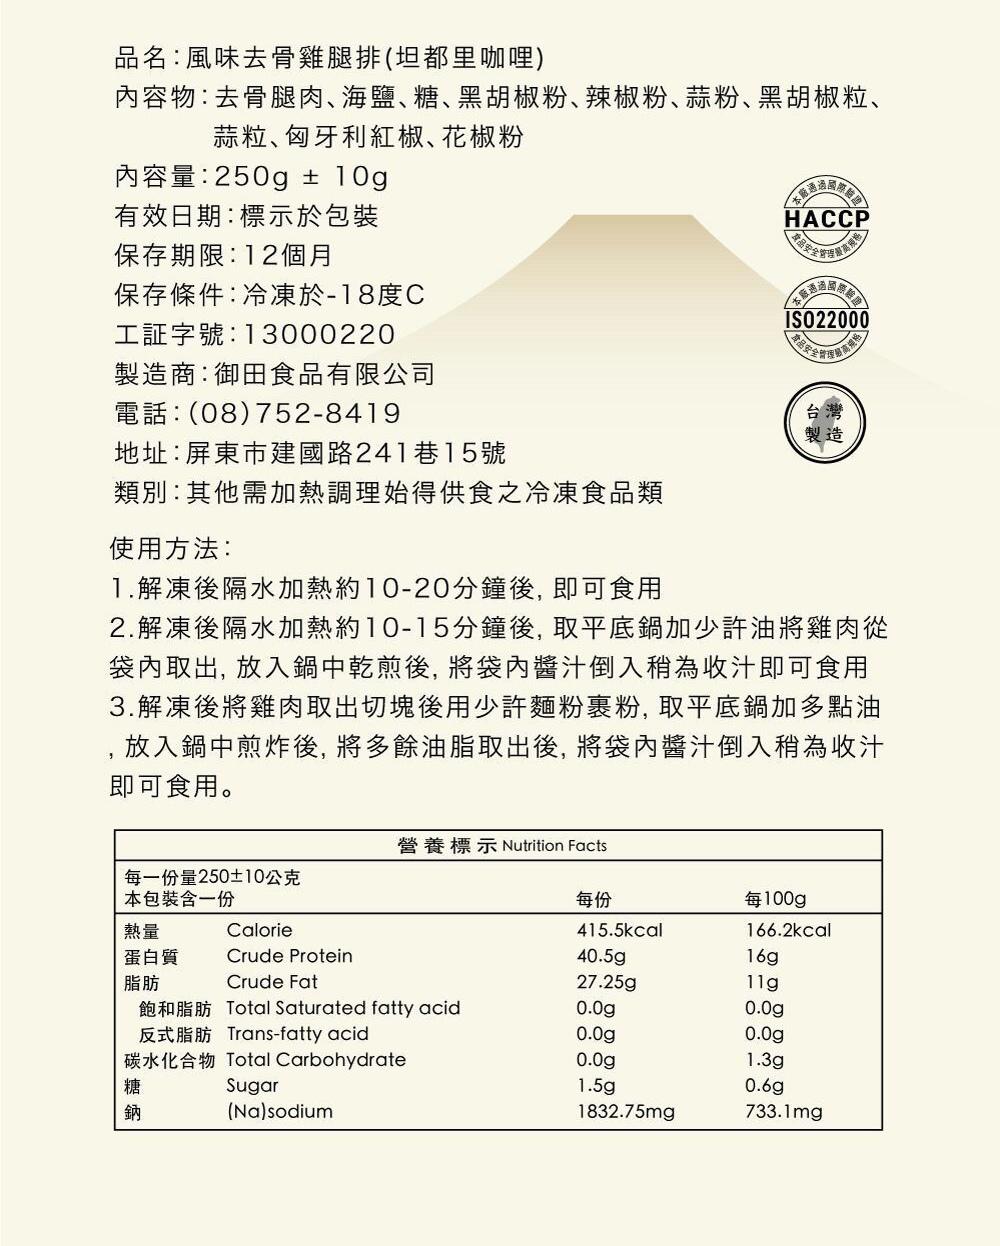 養泉營養標示_190915_0007.jpg